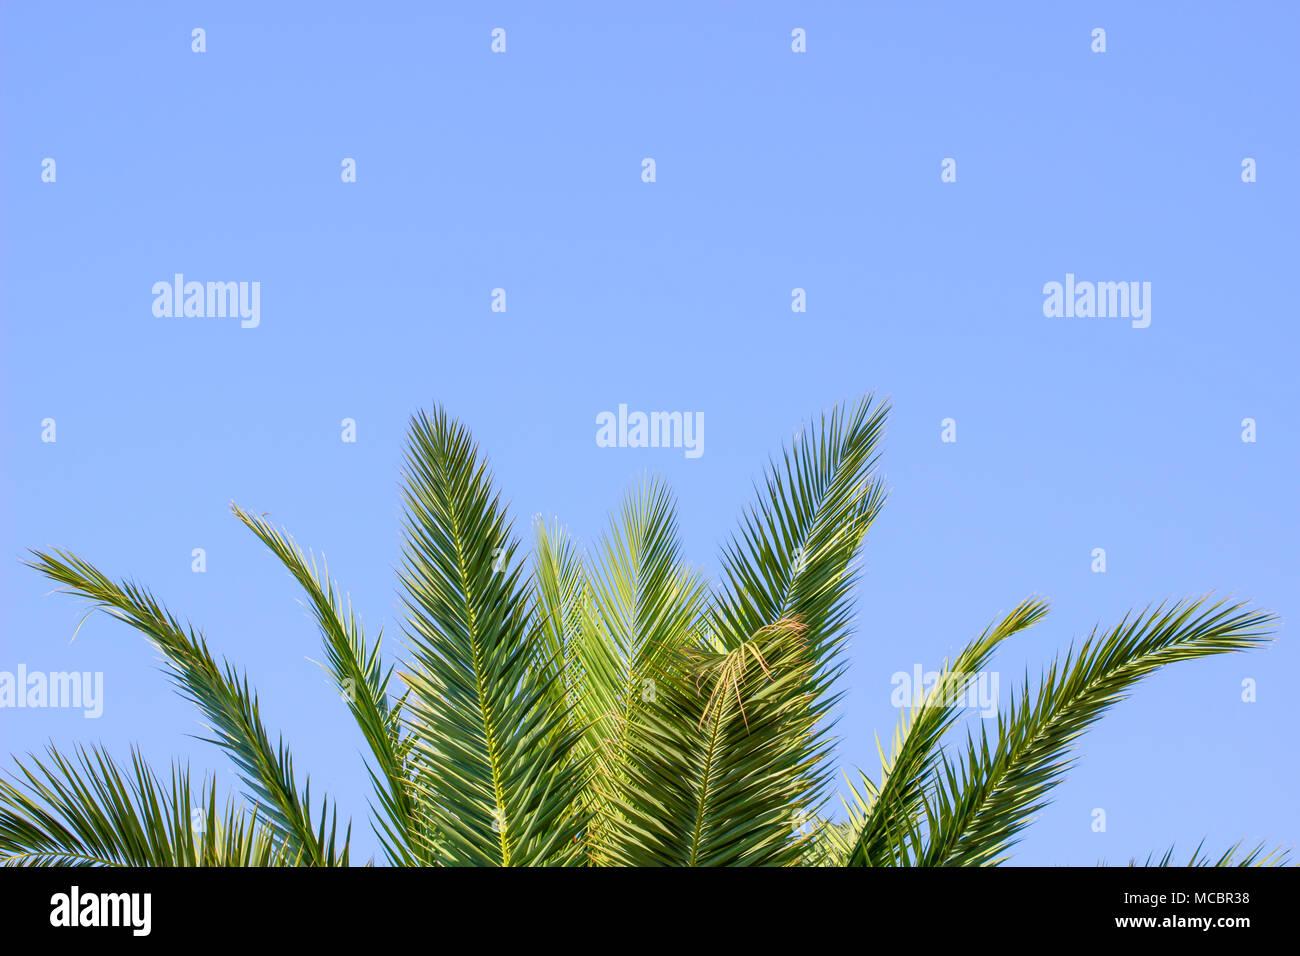 Green Palm tree in estate blu cielo con spazio copia dello sfondo. Immagini Stock